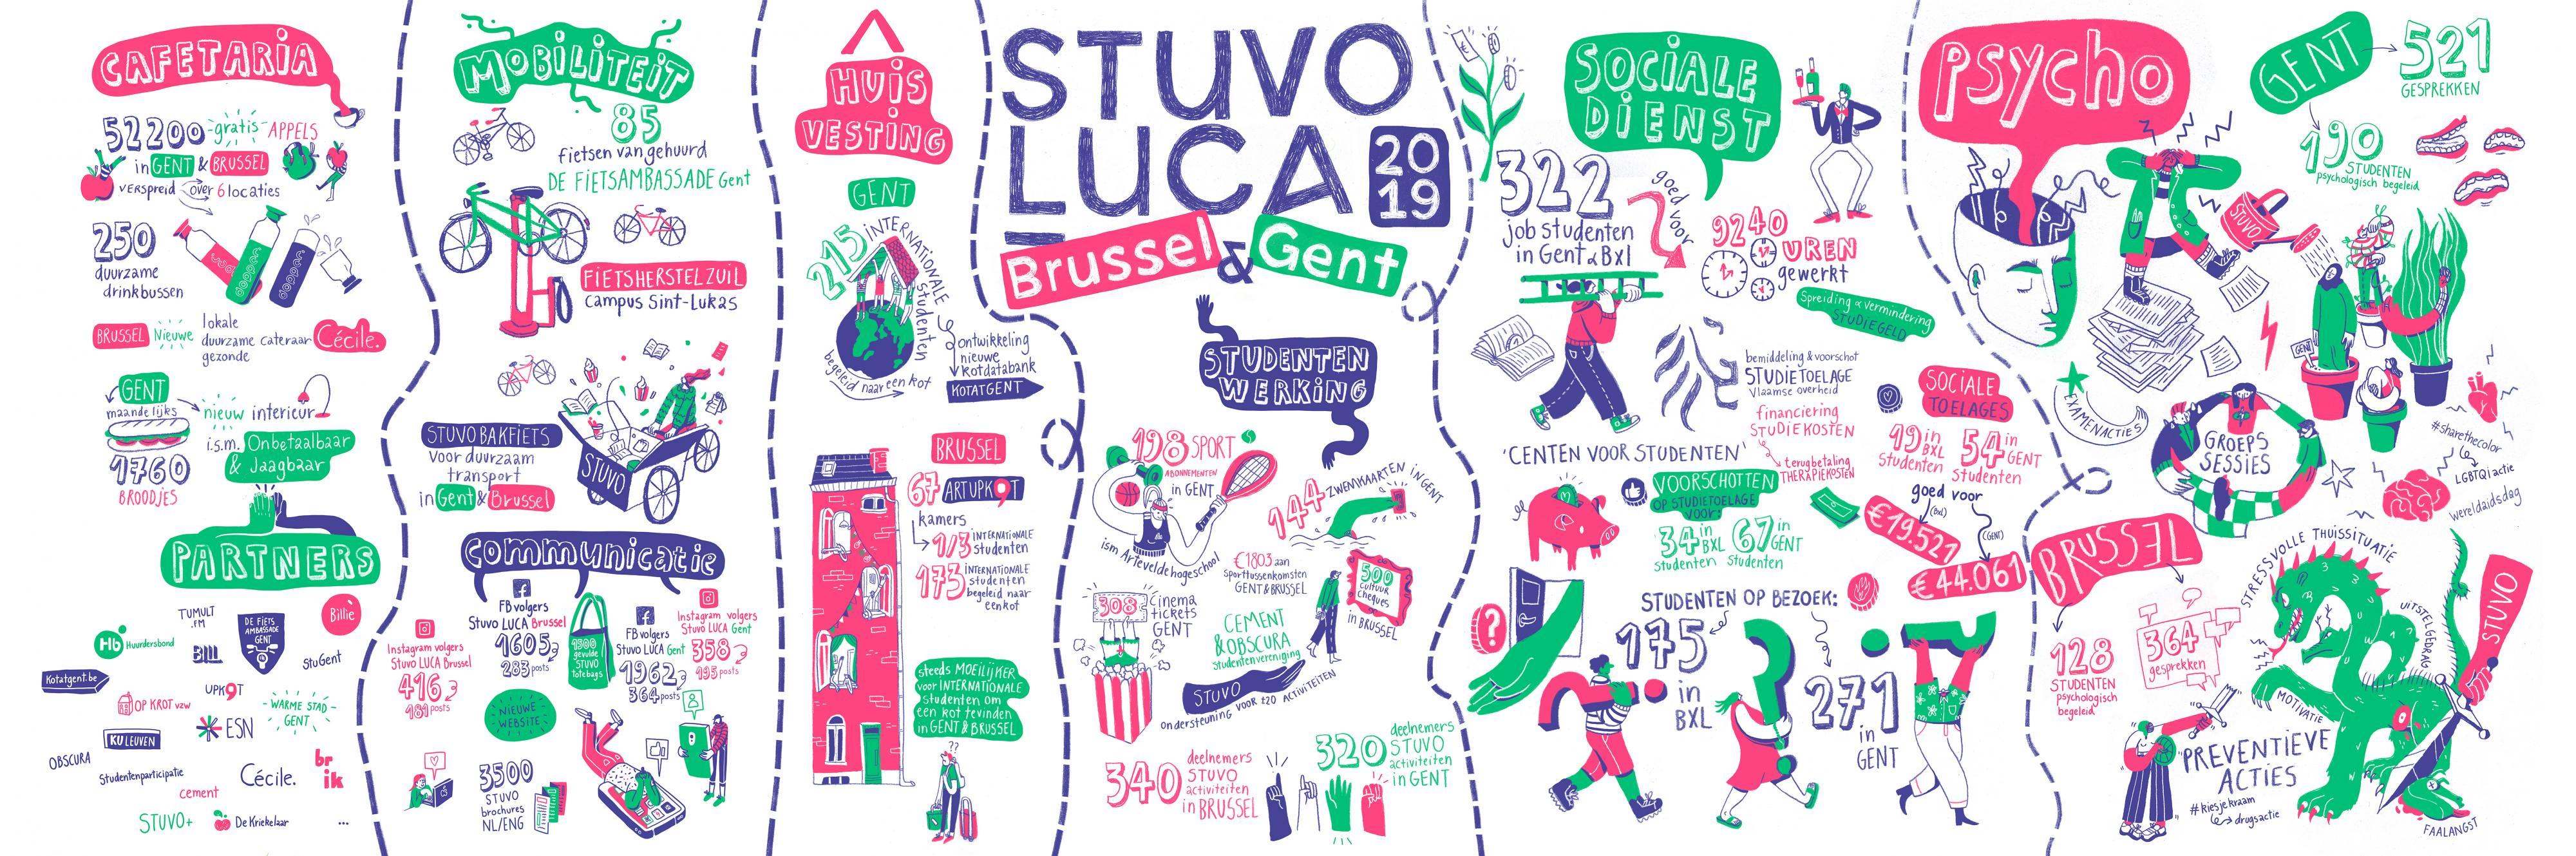 Stuvo LUCA facts & figures 2019